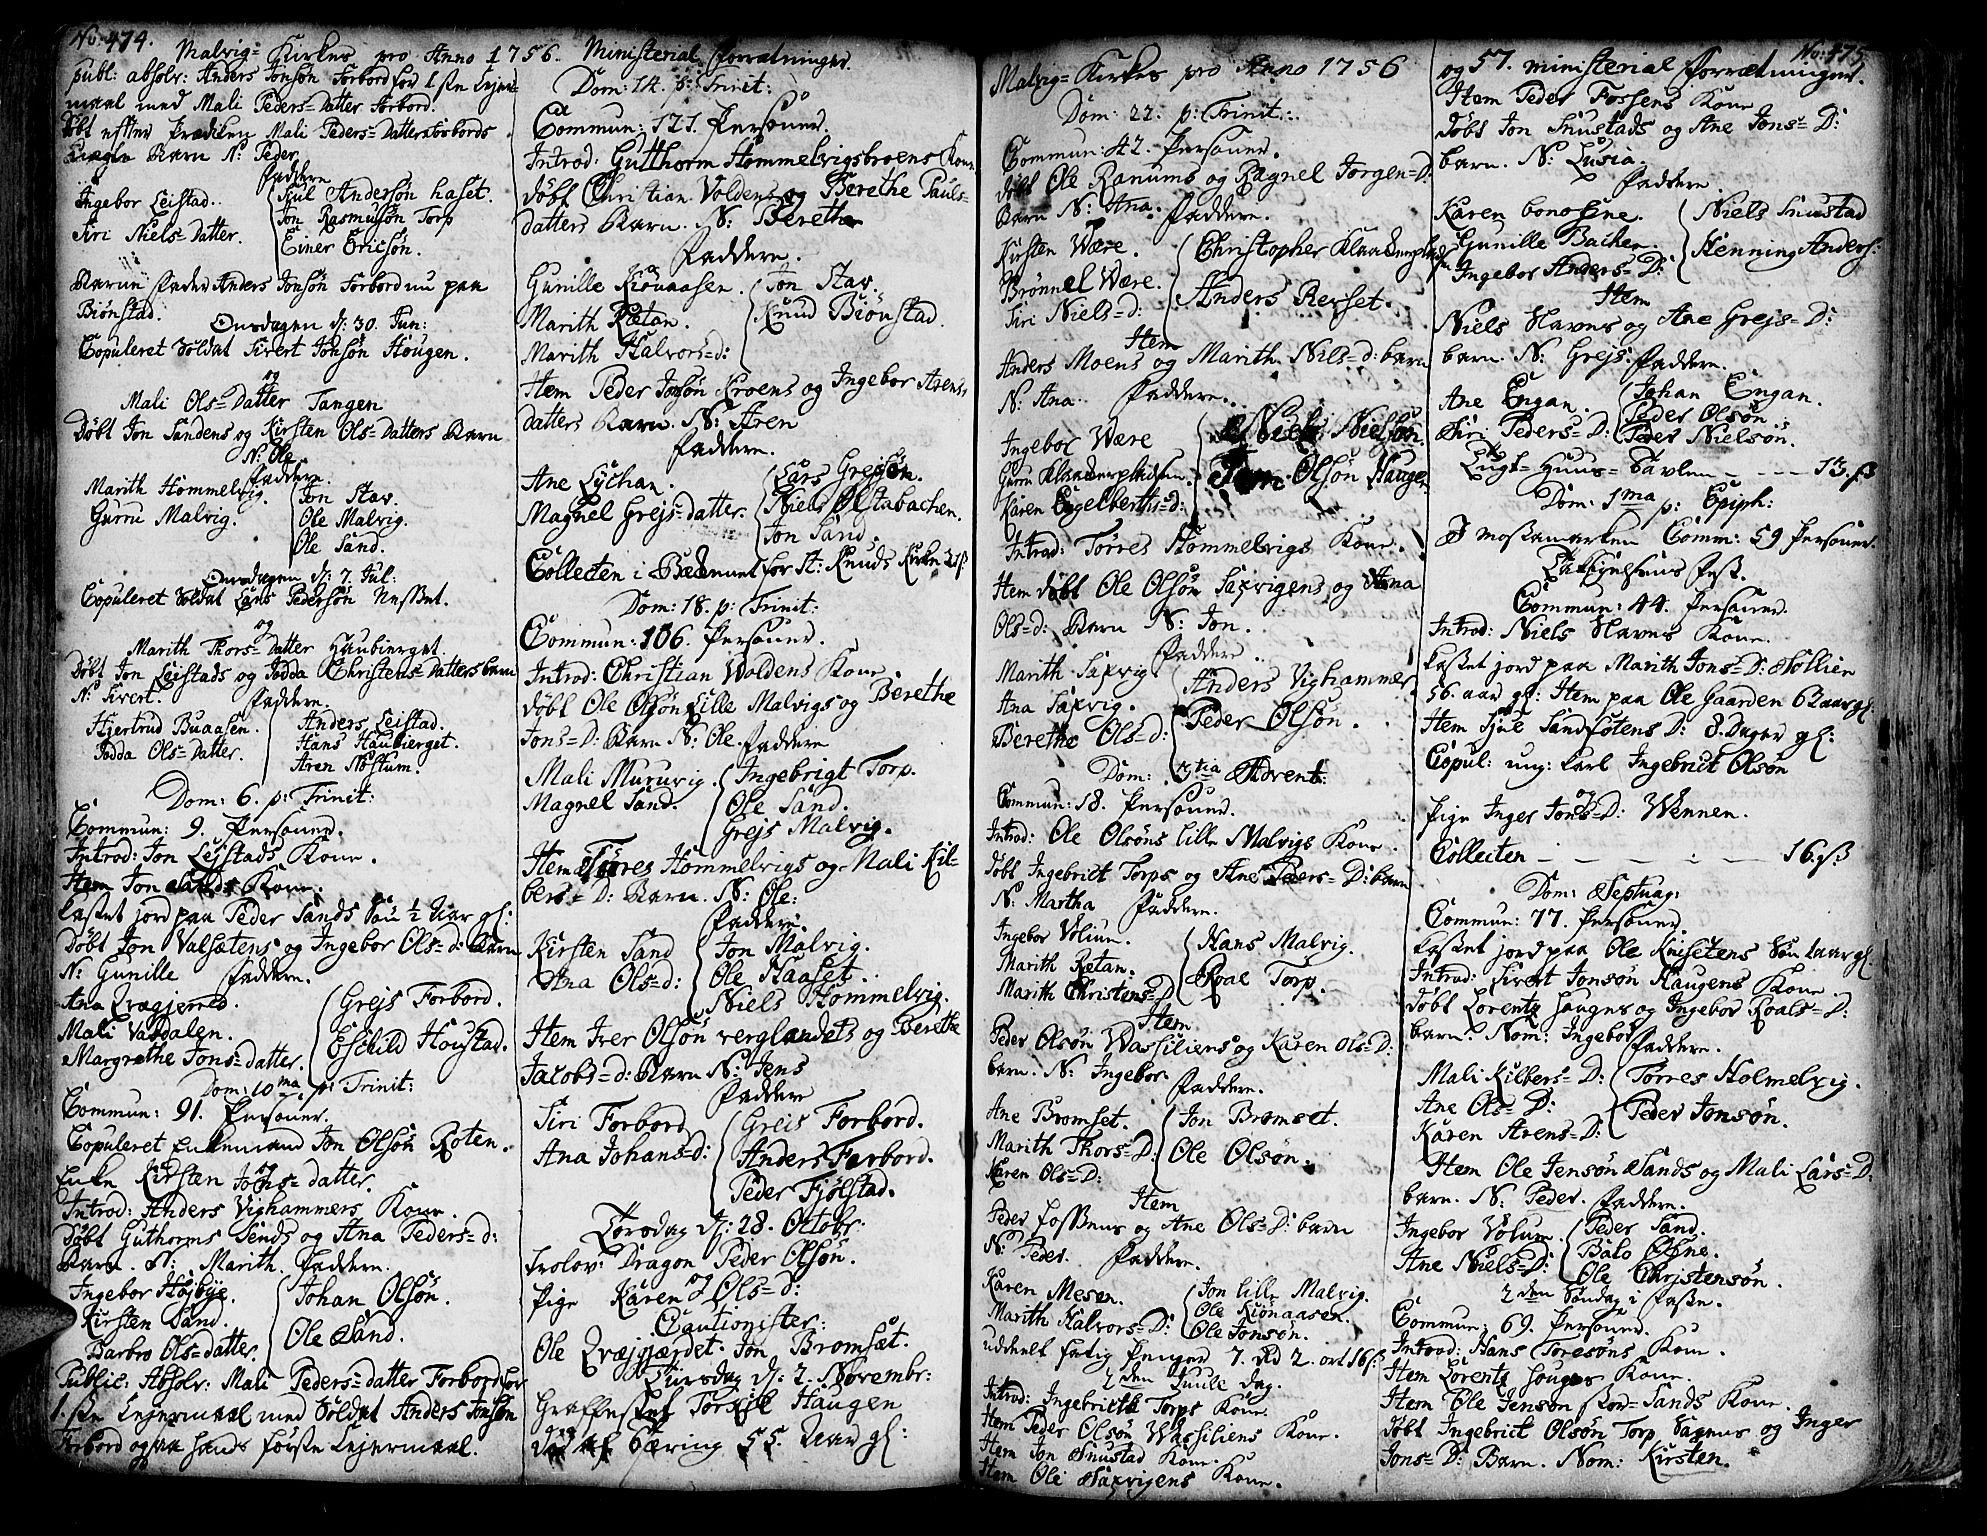 SAT, Ministerialprotokoller, klokkerbøker og fødselsregistre - Sør-Trøndelag, 606/L0277: Ministerialbok nr. 606A01 /3, 1727-1780, s. 474-475